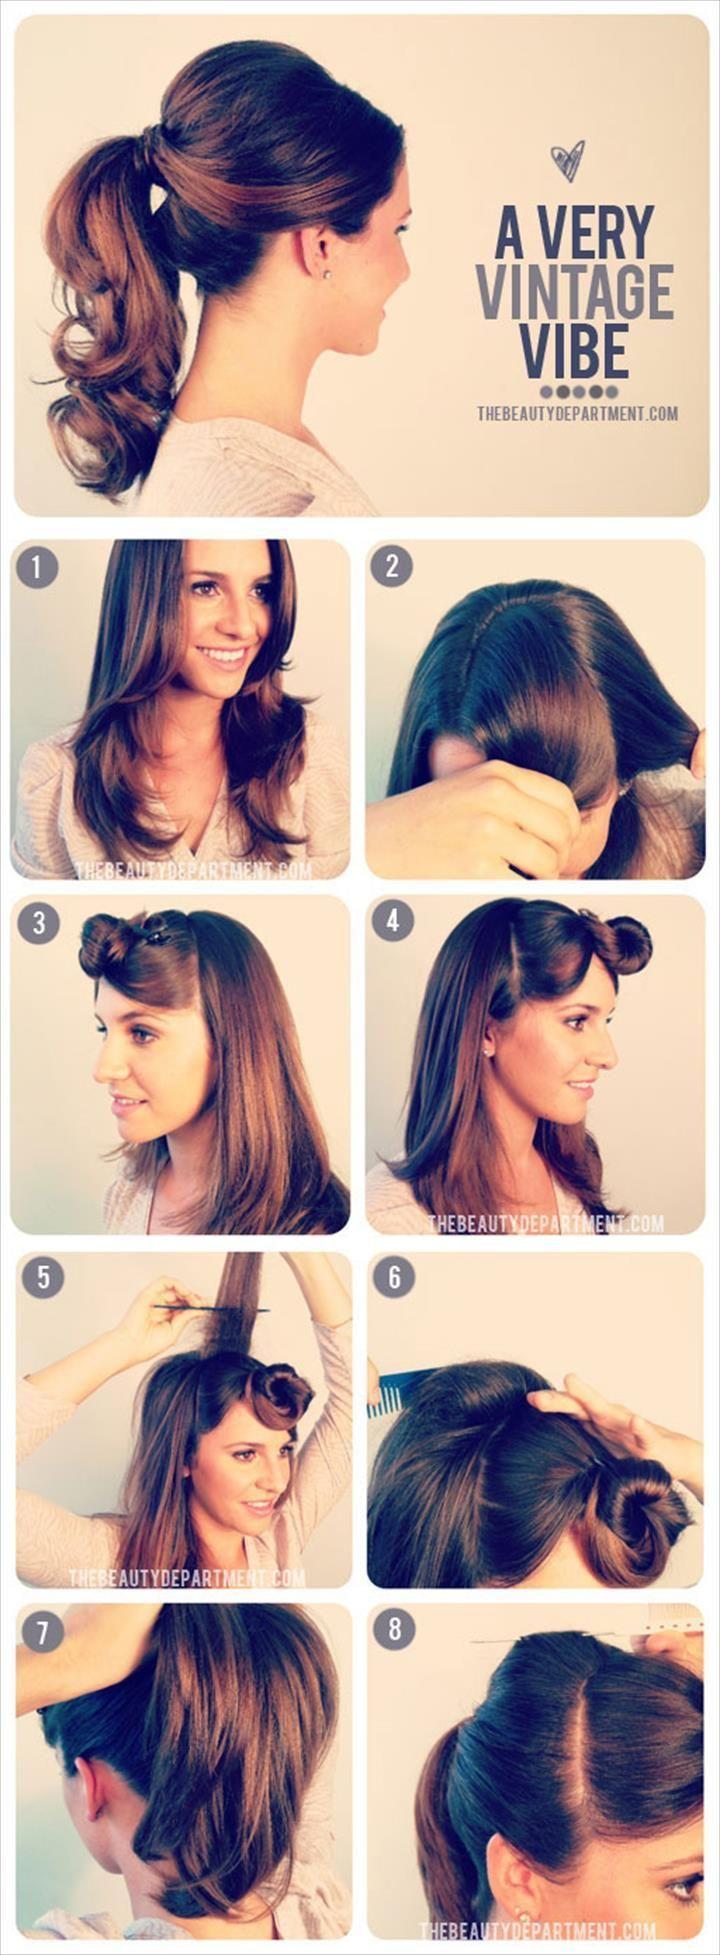 14+ Medium length hair 1950s hairstyles ideas